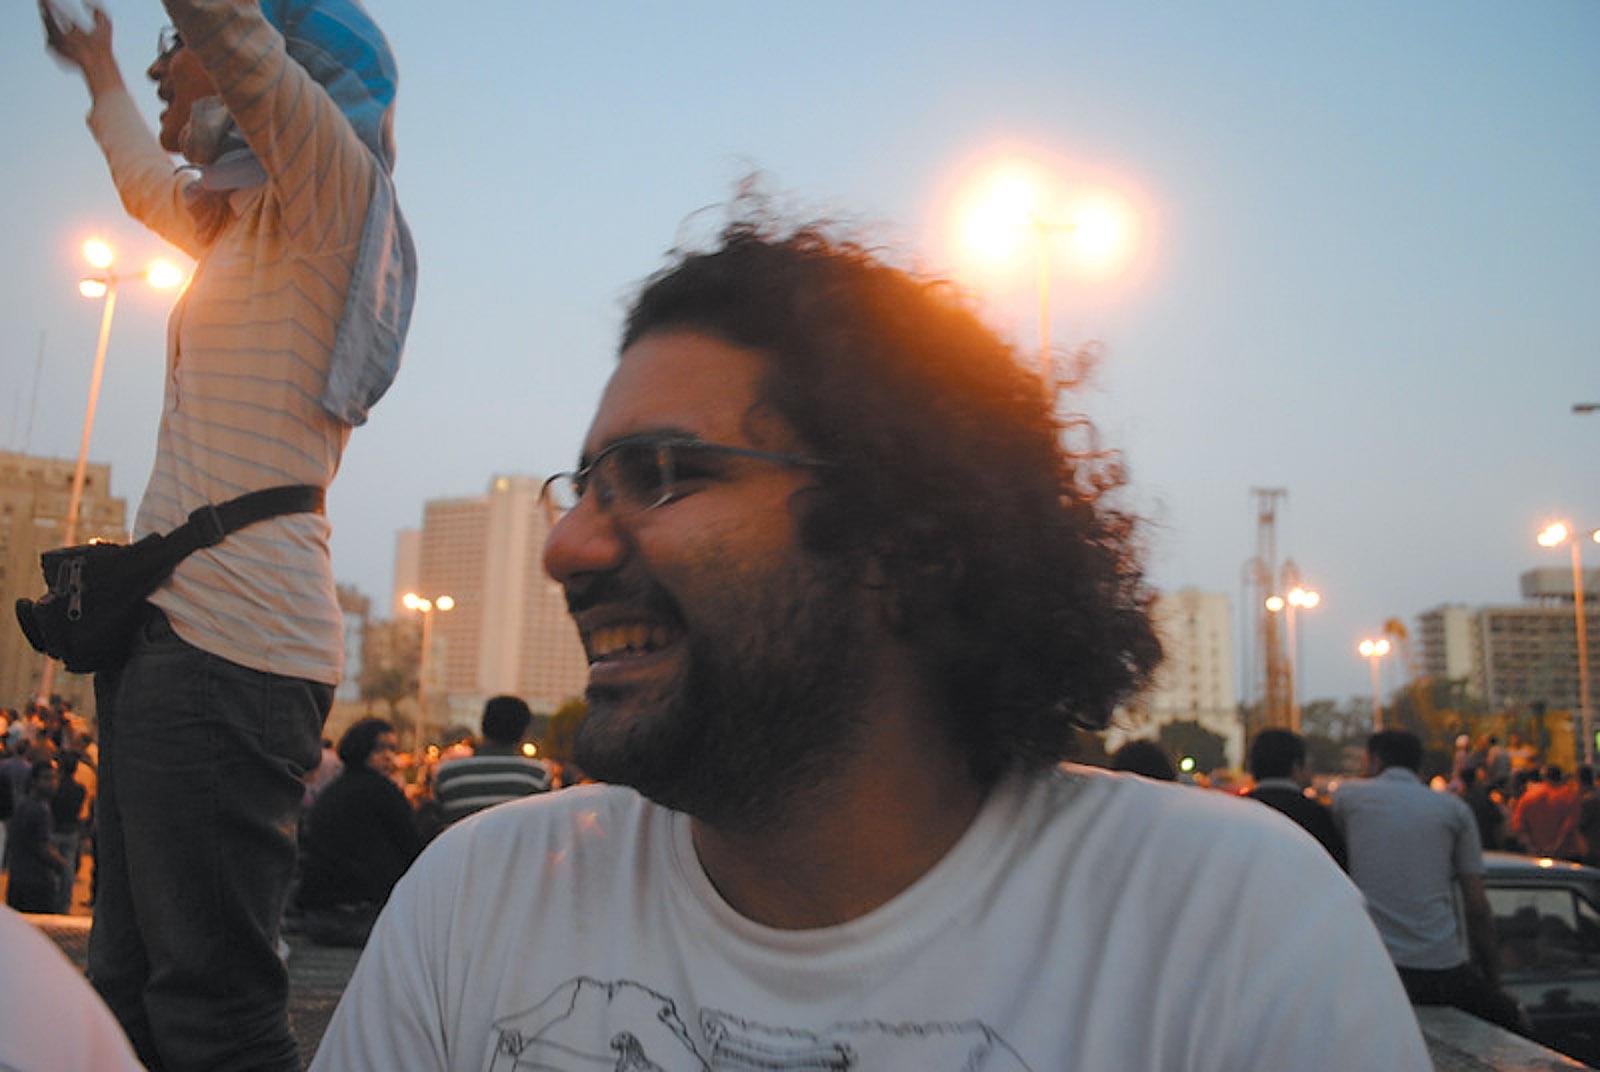 Activist Alaa Abd el-Fattah in Tahrir Square, Cairo